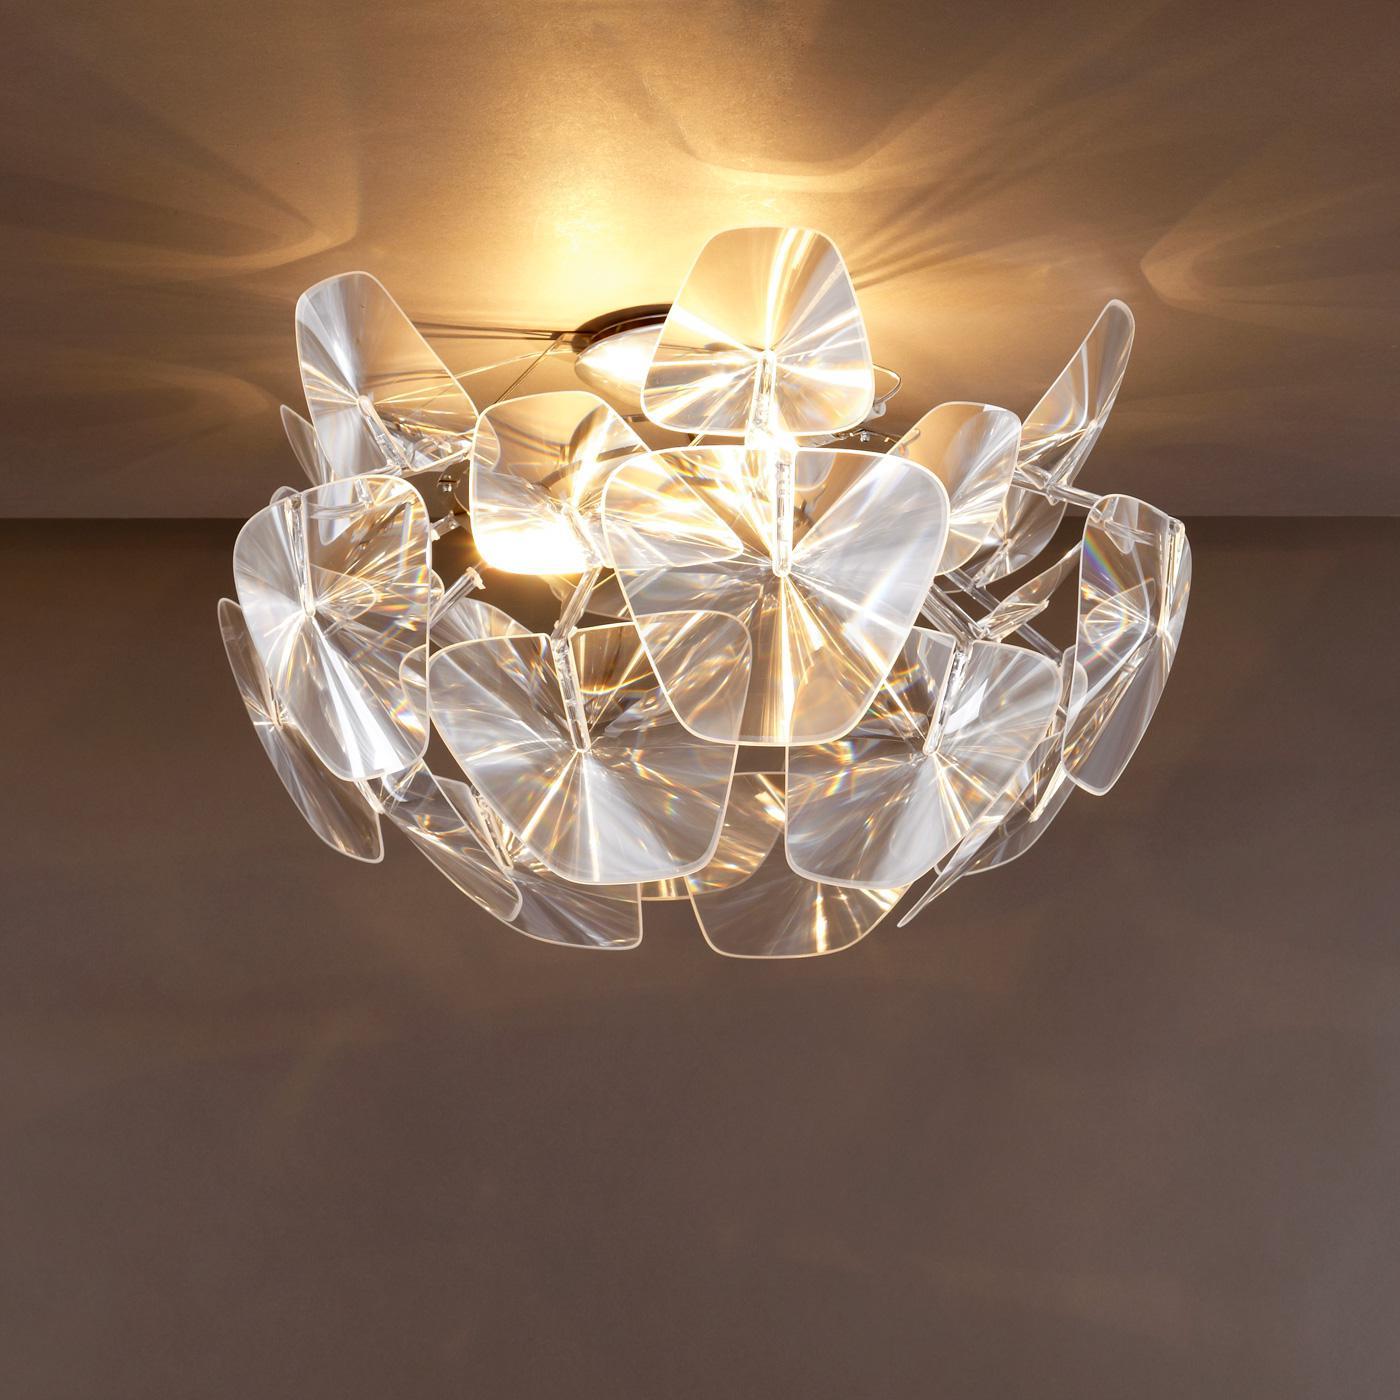 Стеклянный светильник на потолке